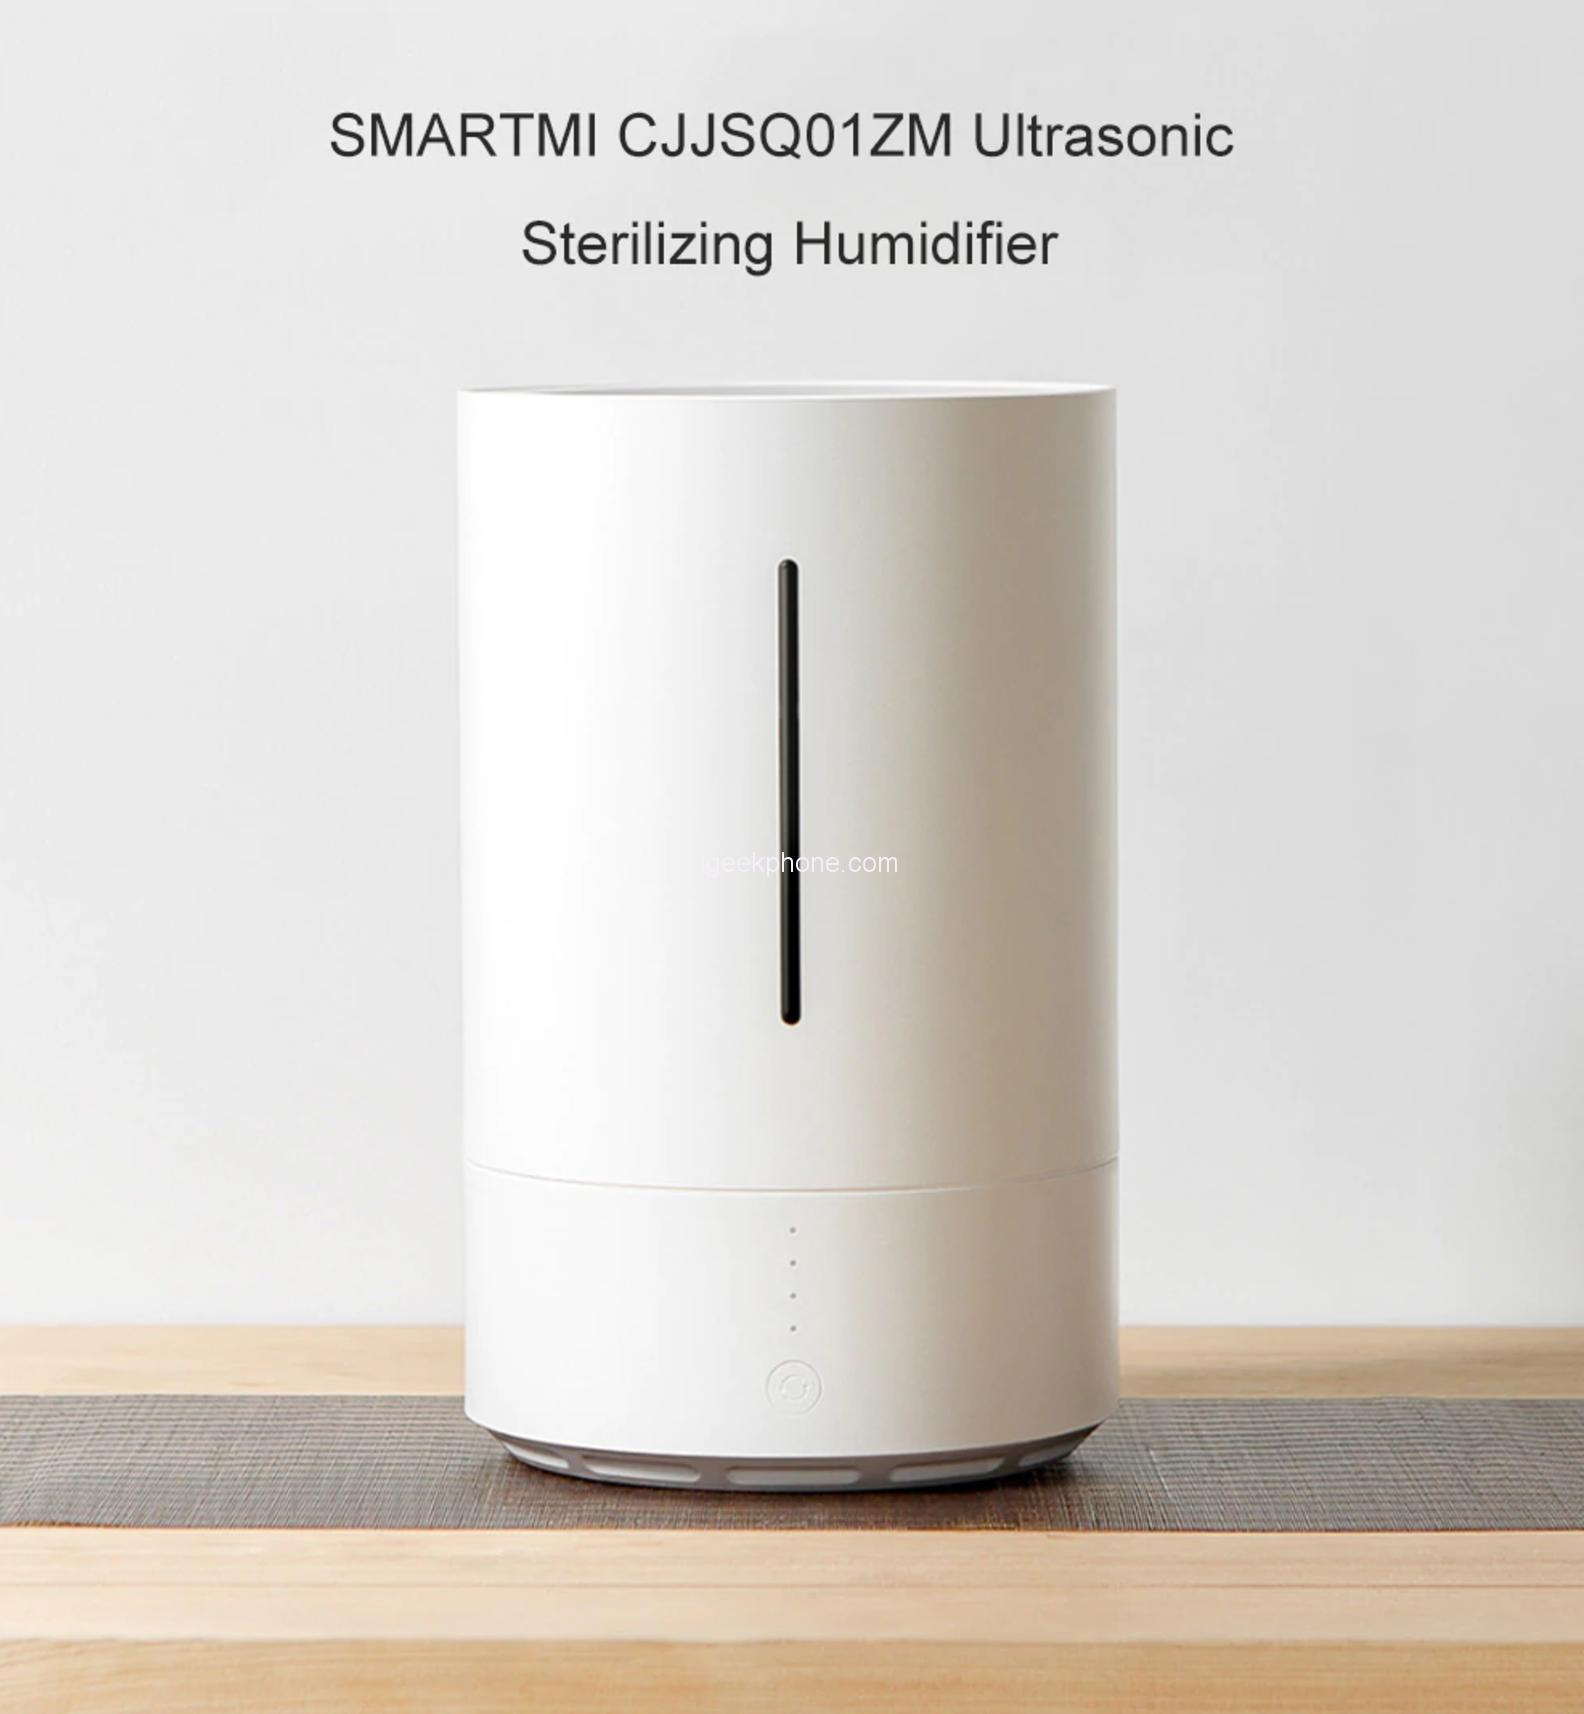 Xiaomi выпустила новый антибактериальный увлажнитель воздуха